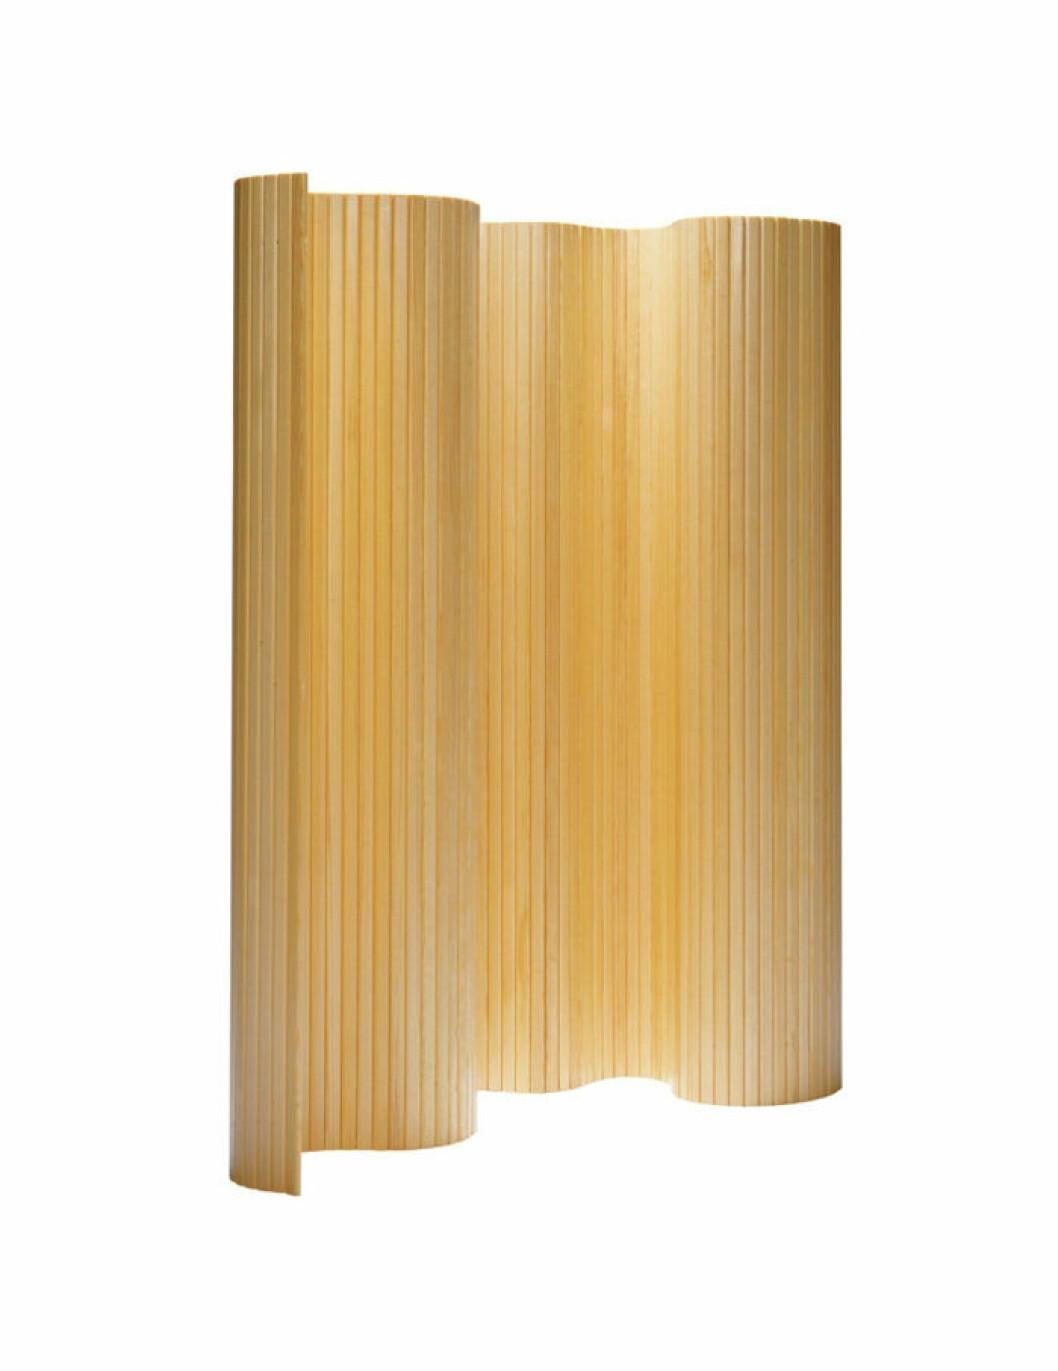 Vikvägg i design av Alvar Aalto för Artek